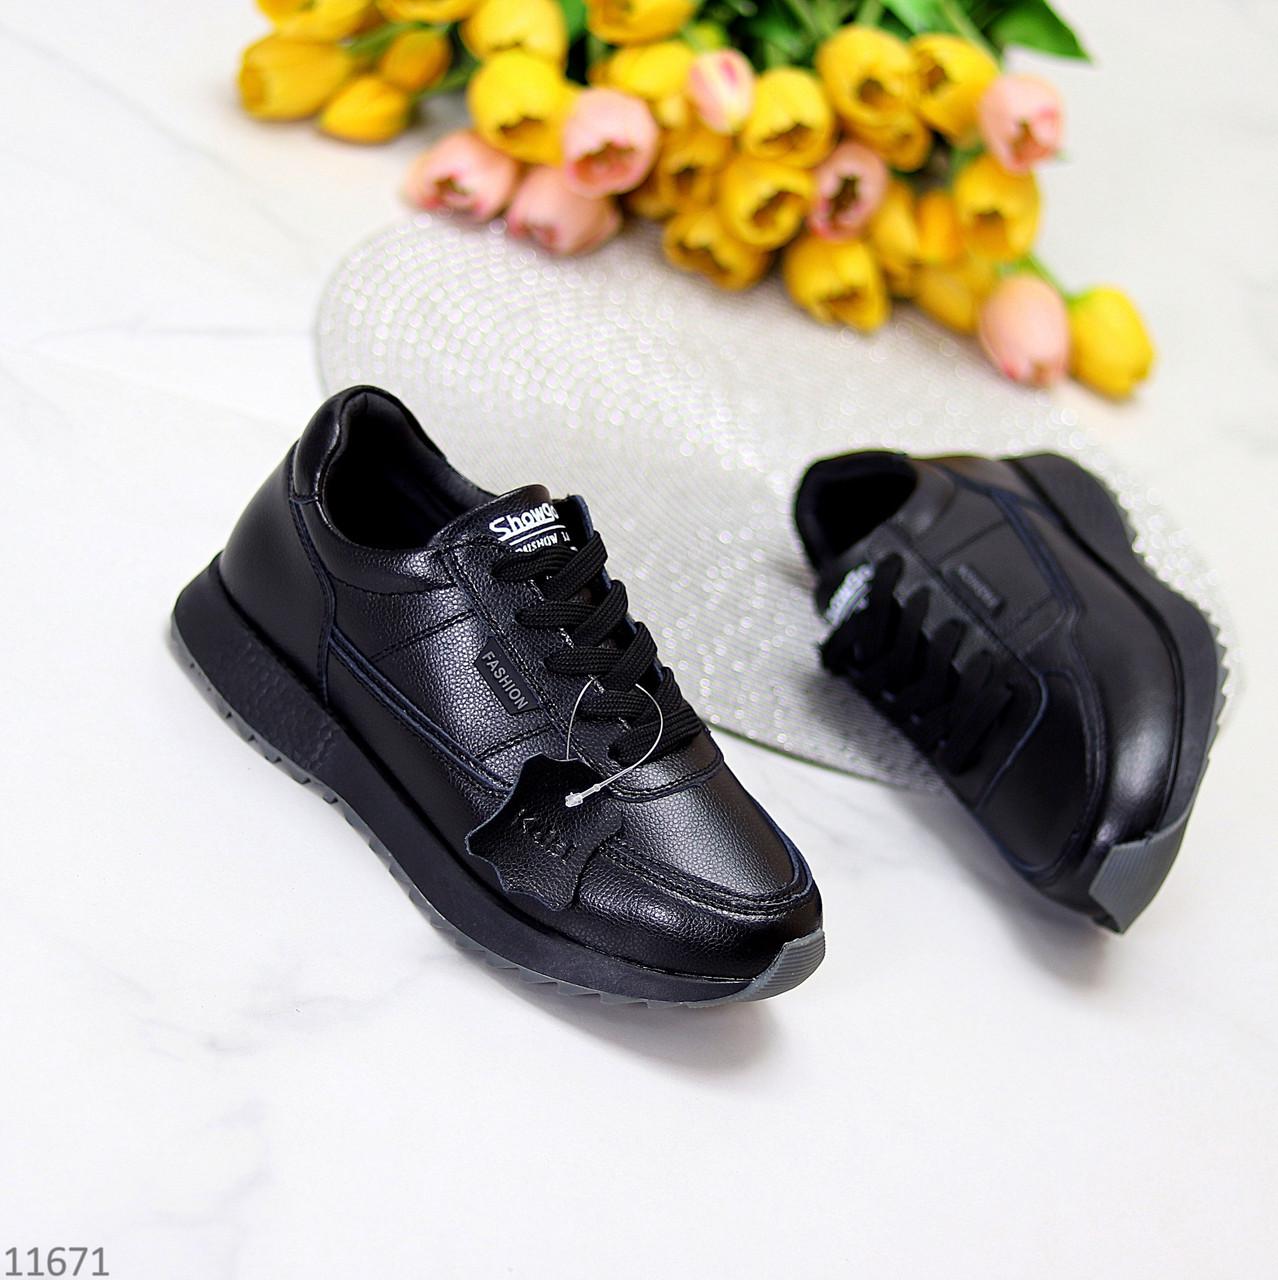 Повсякденні шкіряні чорні жіночі молодіжні кросівки натуральна шкіра